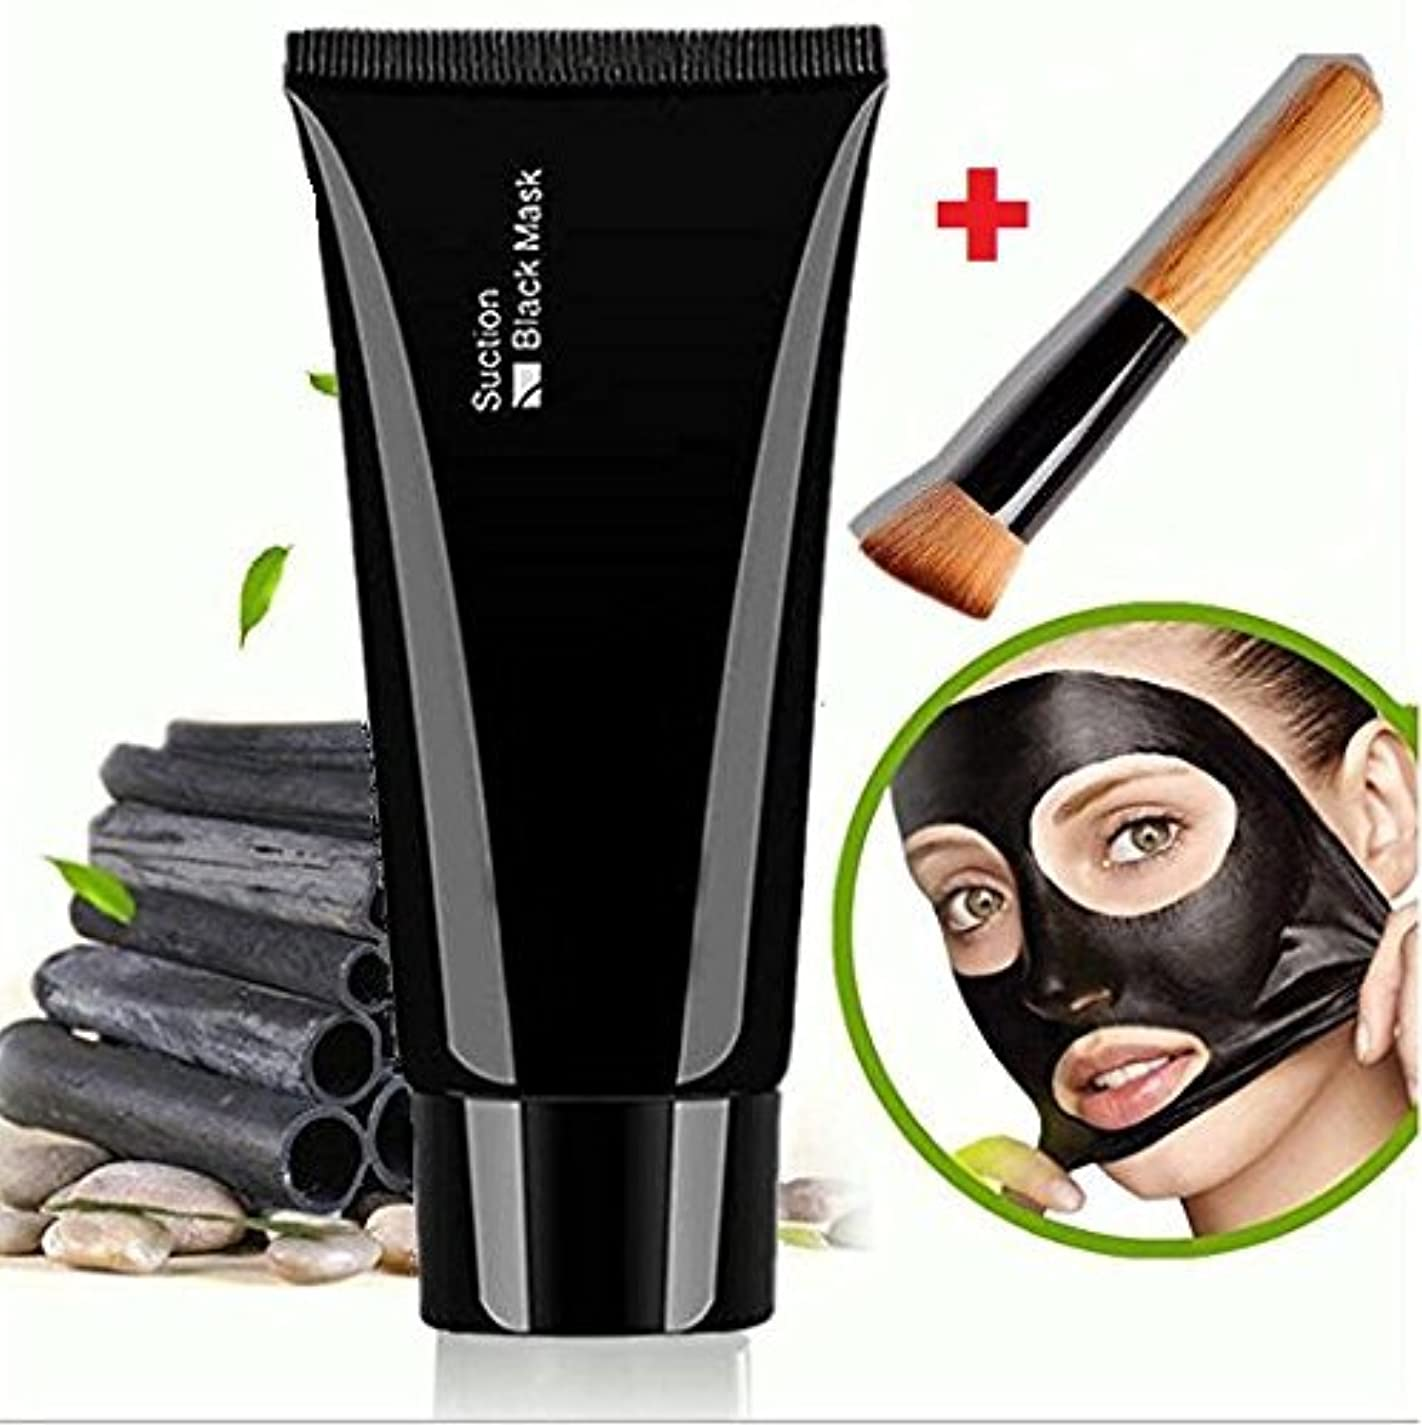 環境保護主義者ブリリアント淡いFacial Mask Black, Face Apeel Cleansing Mask Deep Cleanser Blackhead Acne Remover Peel off Mask + Wooden Brush